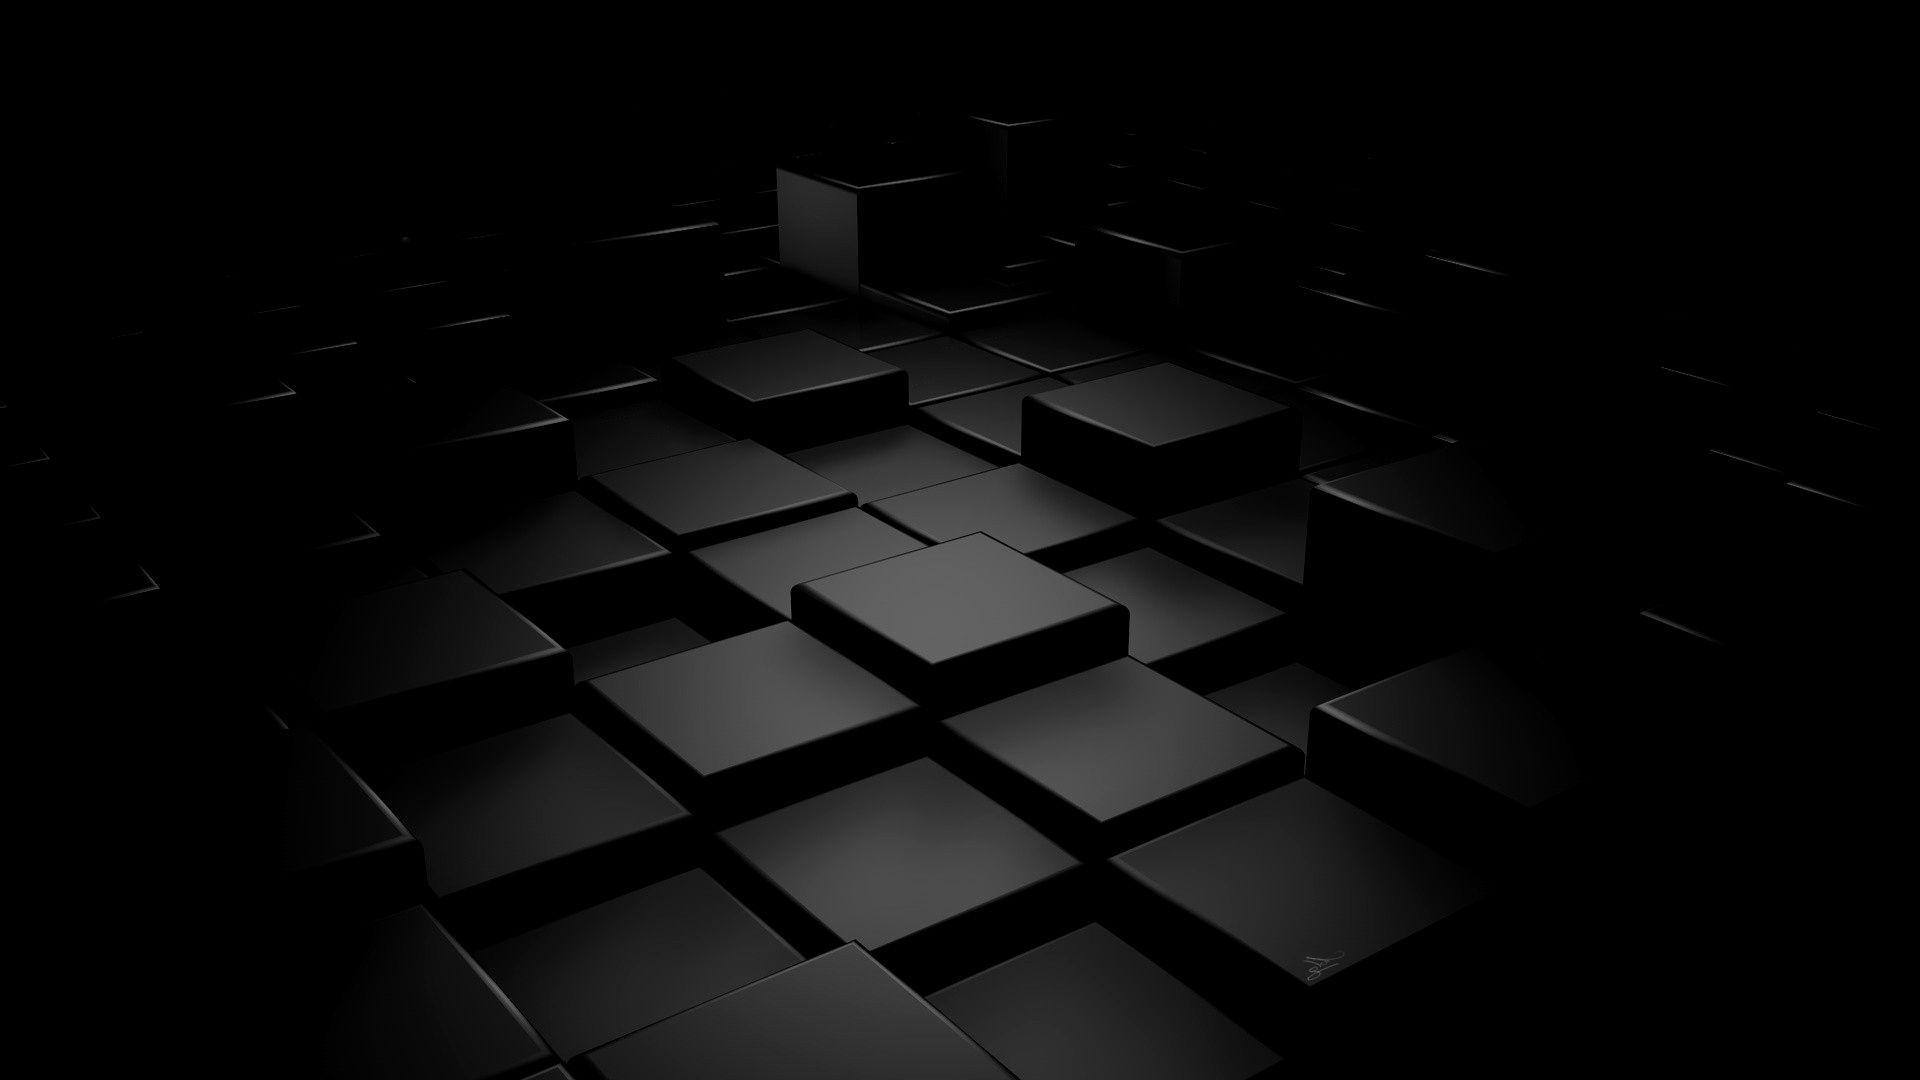 4k Wallpaper For Mobile 1920x1080 Black Gallery Fondecraniphonemarbre 4k Wallpaper For Black Hd Wallpaper Black Background Wallpaper Black Textured Wallpaper